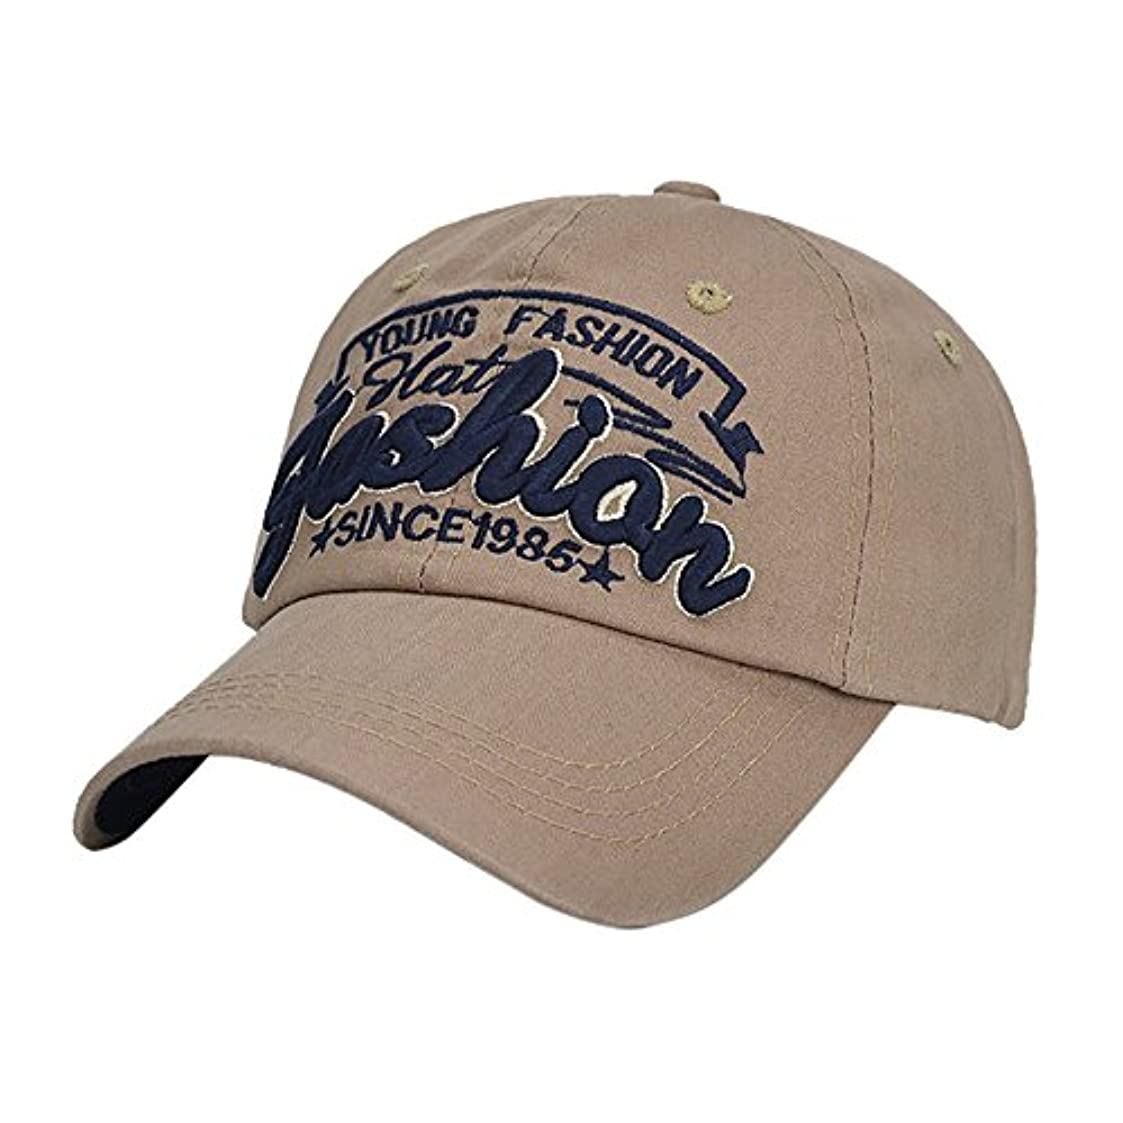 位置づける配当倒錯Racazing Cap ヒップホップ 野球帽 ストリートダンス 夏 登山 通気性のある 帽子 パール ビーディング 可調整可能 日焼け止め 棒球帽 UV 帽子 軽量 屋外 女性向 Hat (コーヒー)